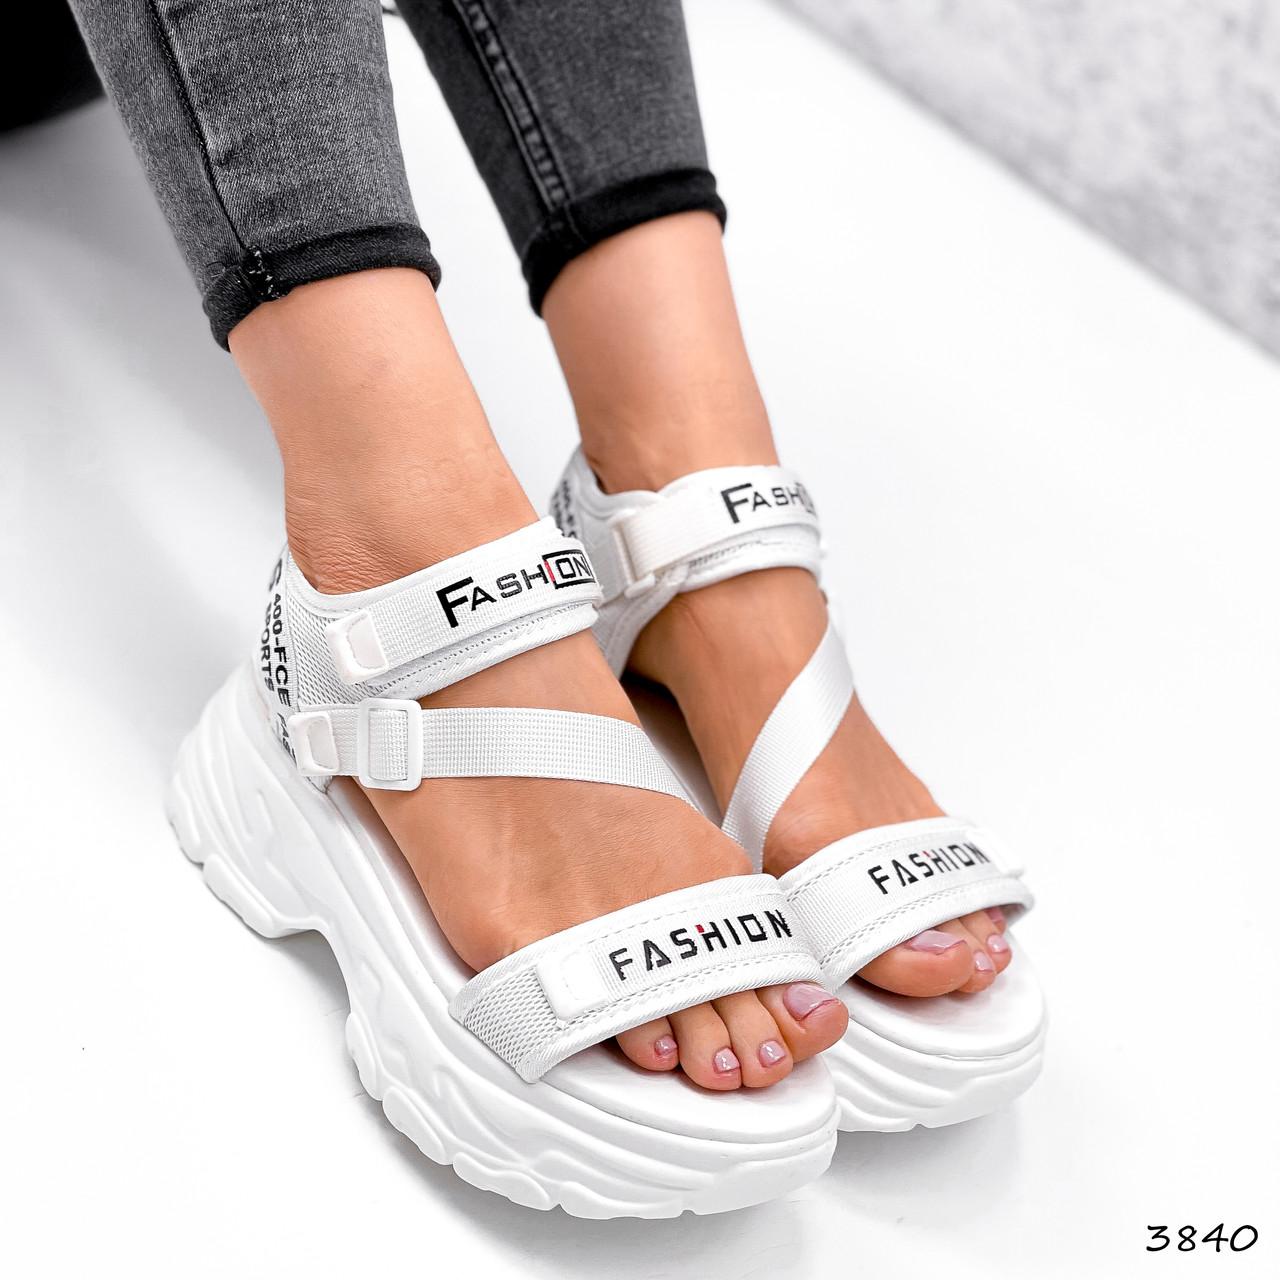 Босоніжки жіночі Annabelle білі 3840